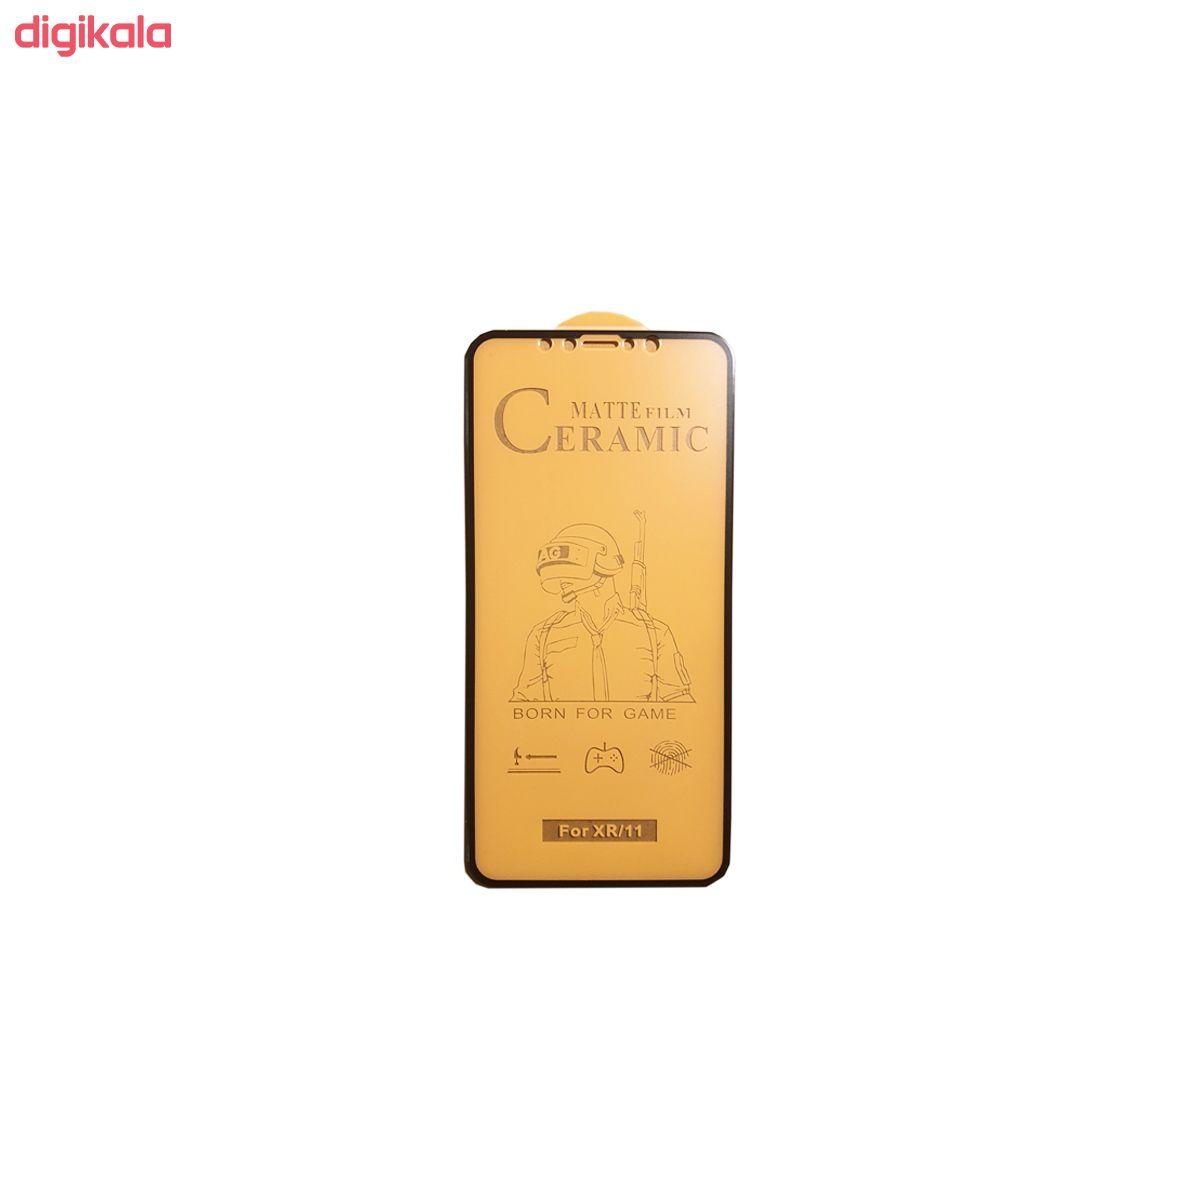 محافظ صفحه نمایش سرامیکی مدل FLCRM01to مناسب برای گوشی موبایل اپل iPhone XR main 1 2